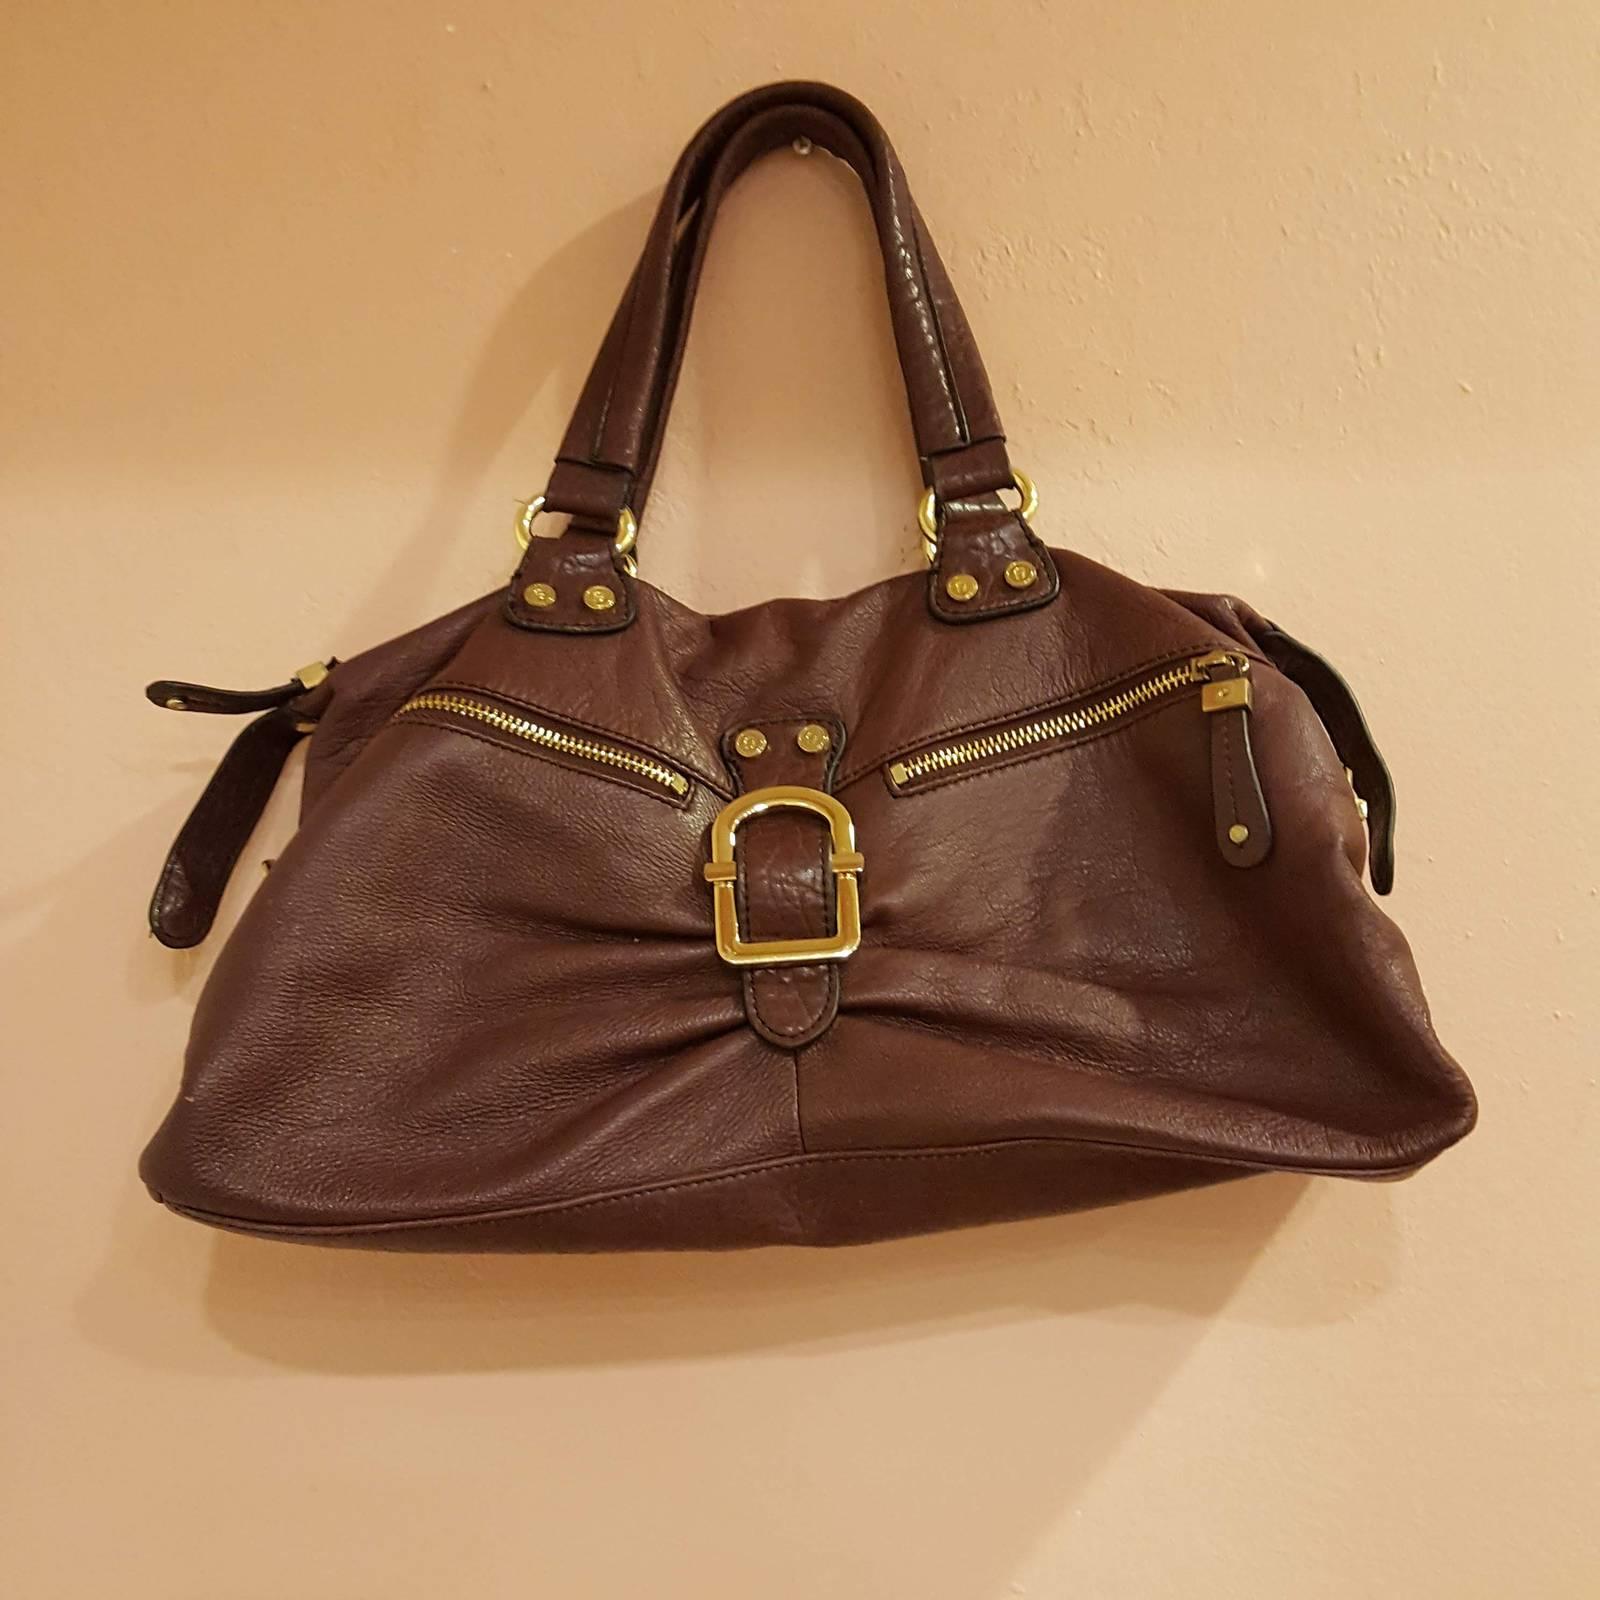 später professioneller Verkauf wo zu kaufen Etienne Aigner Purse Burgundy/Brown Leather and 38 similar items